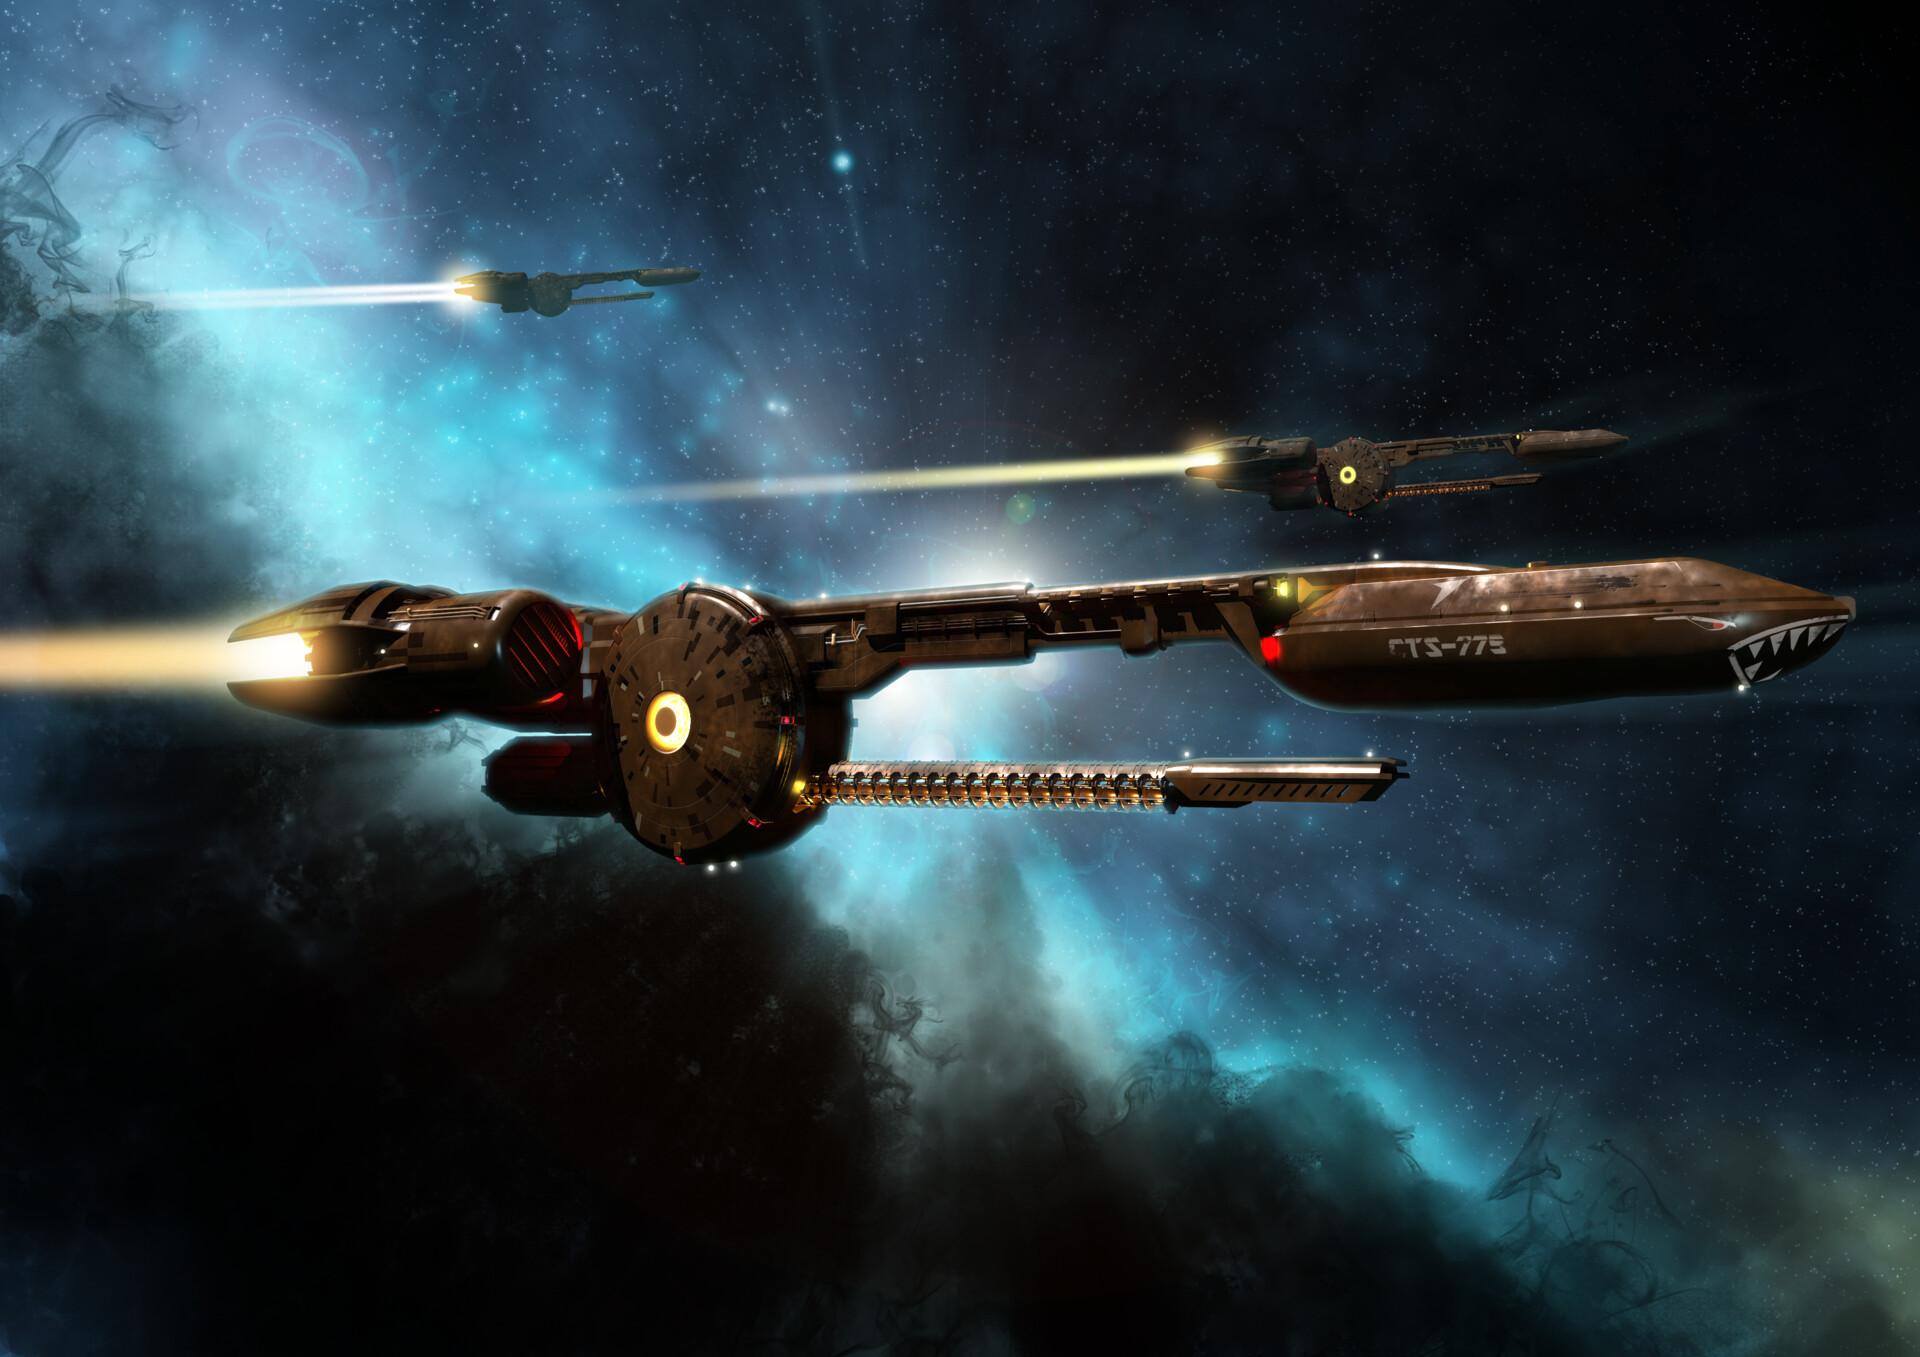 Simon lissaman federation pursuit ship